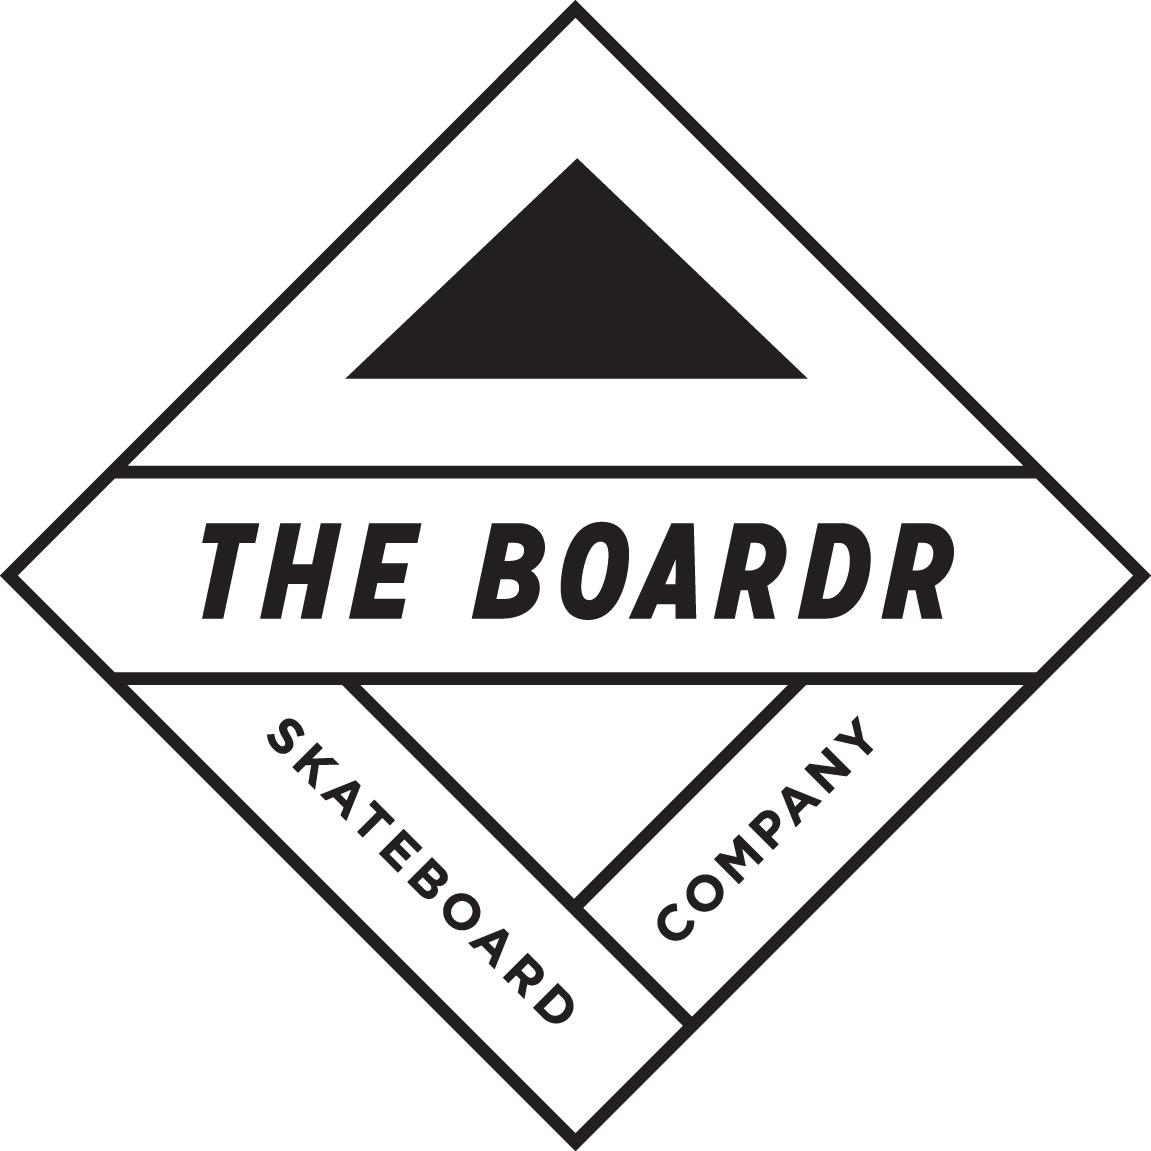 theboardr.com